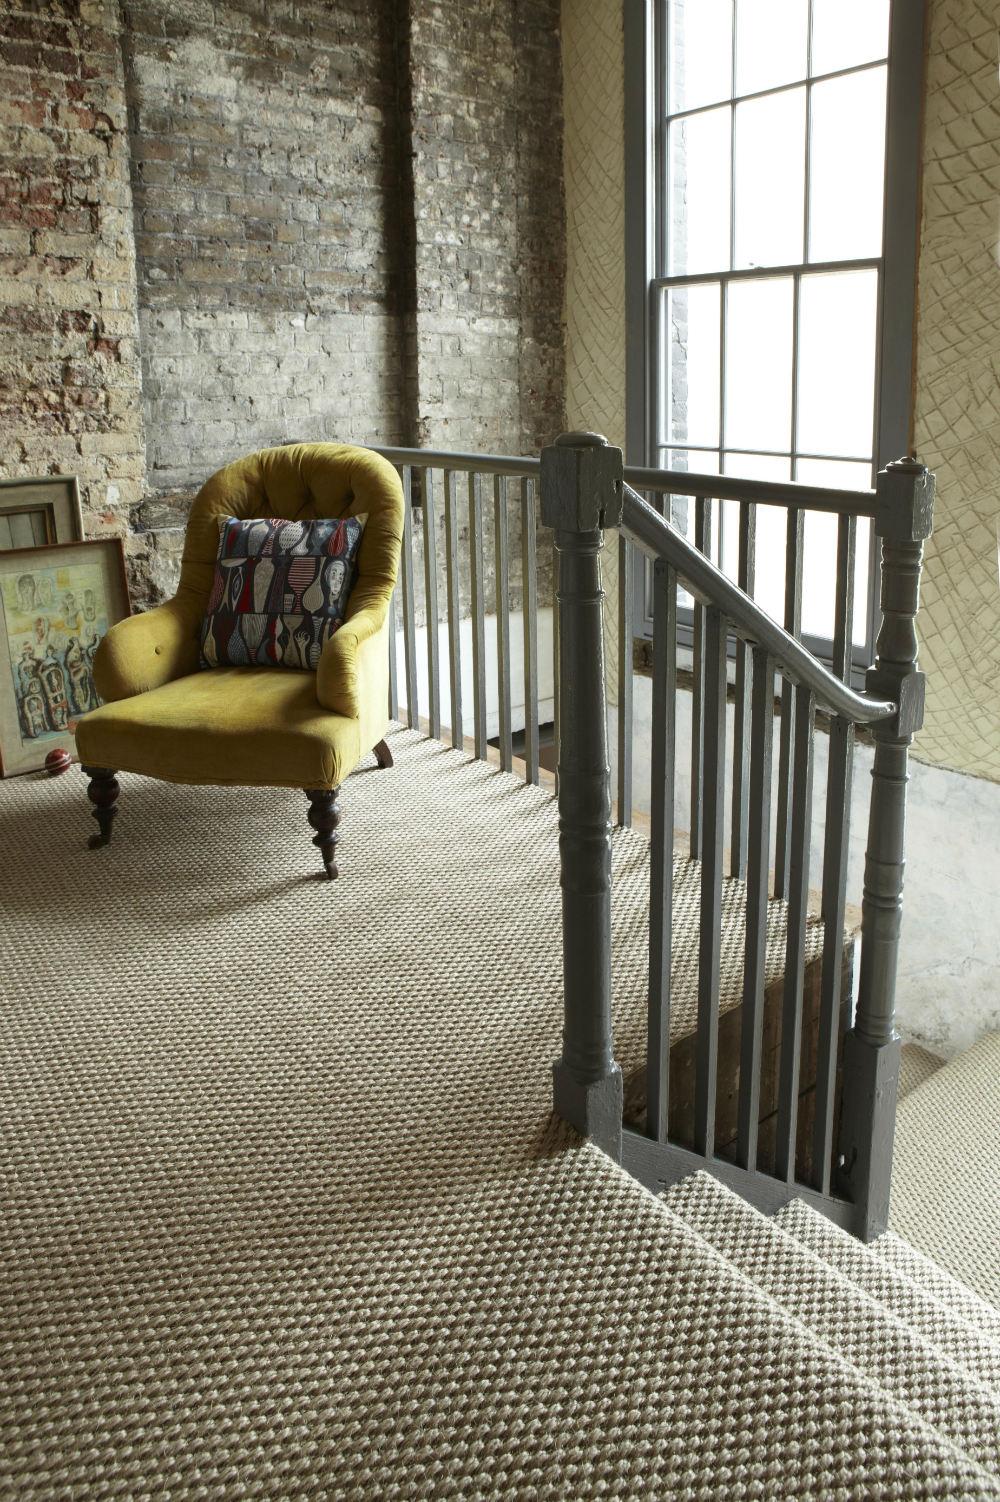 suelo en oquetado con alfombra de fibras vegetales